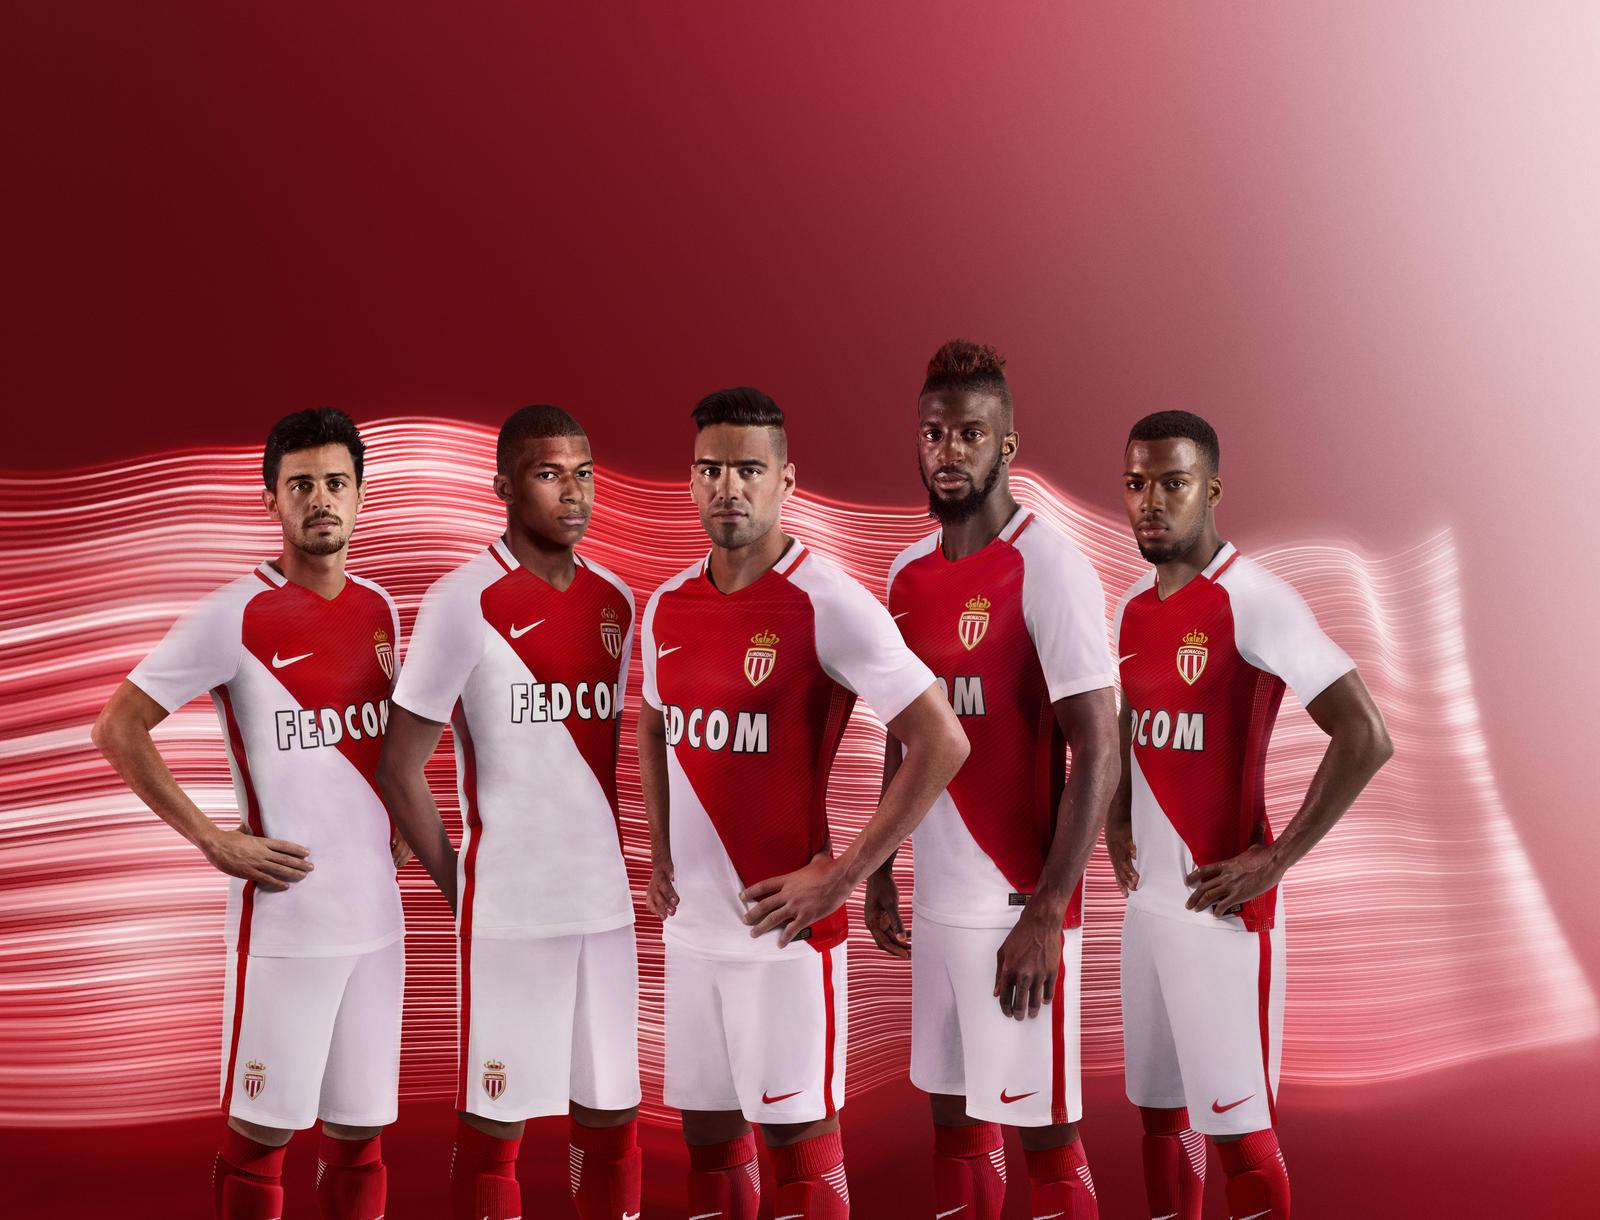 Maglia Home AS Monaco nuove